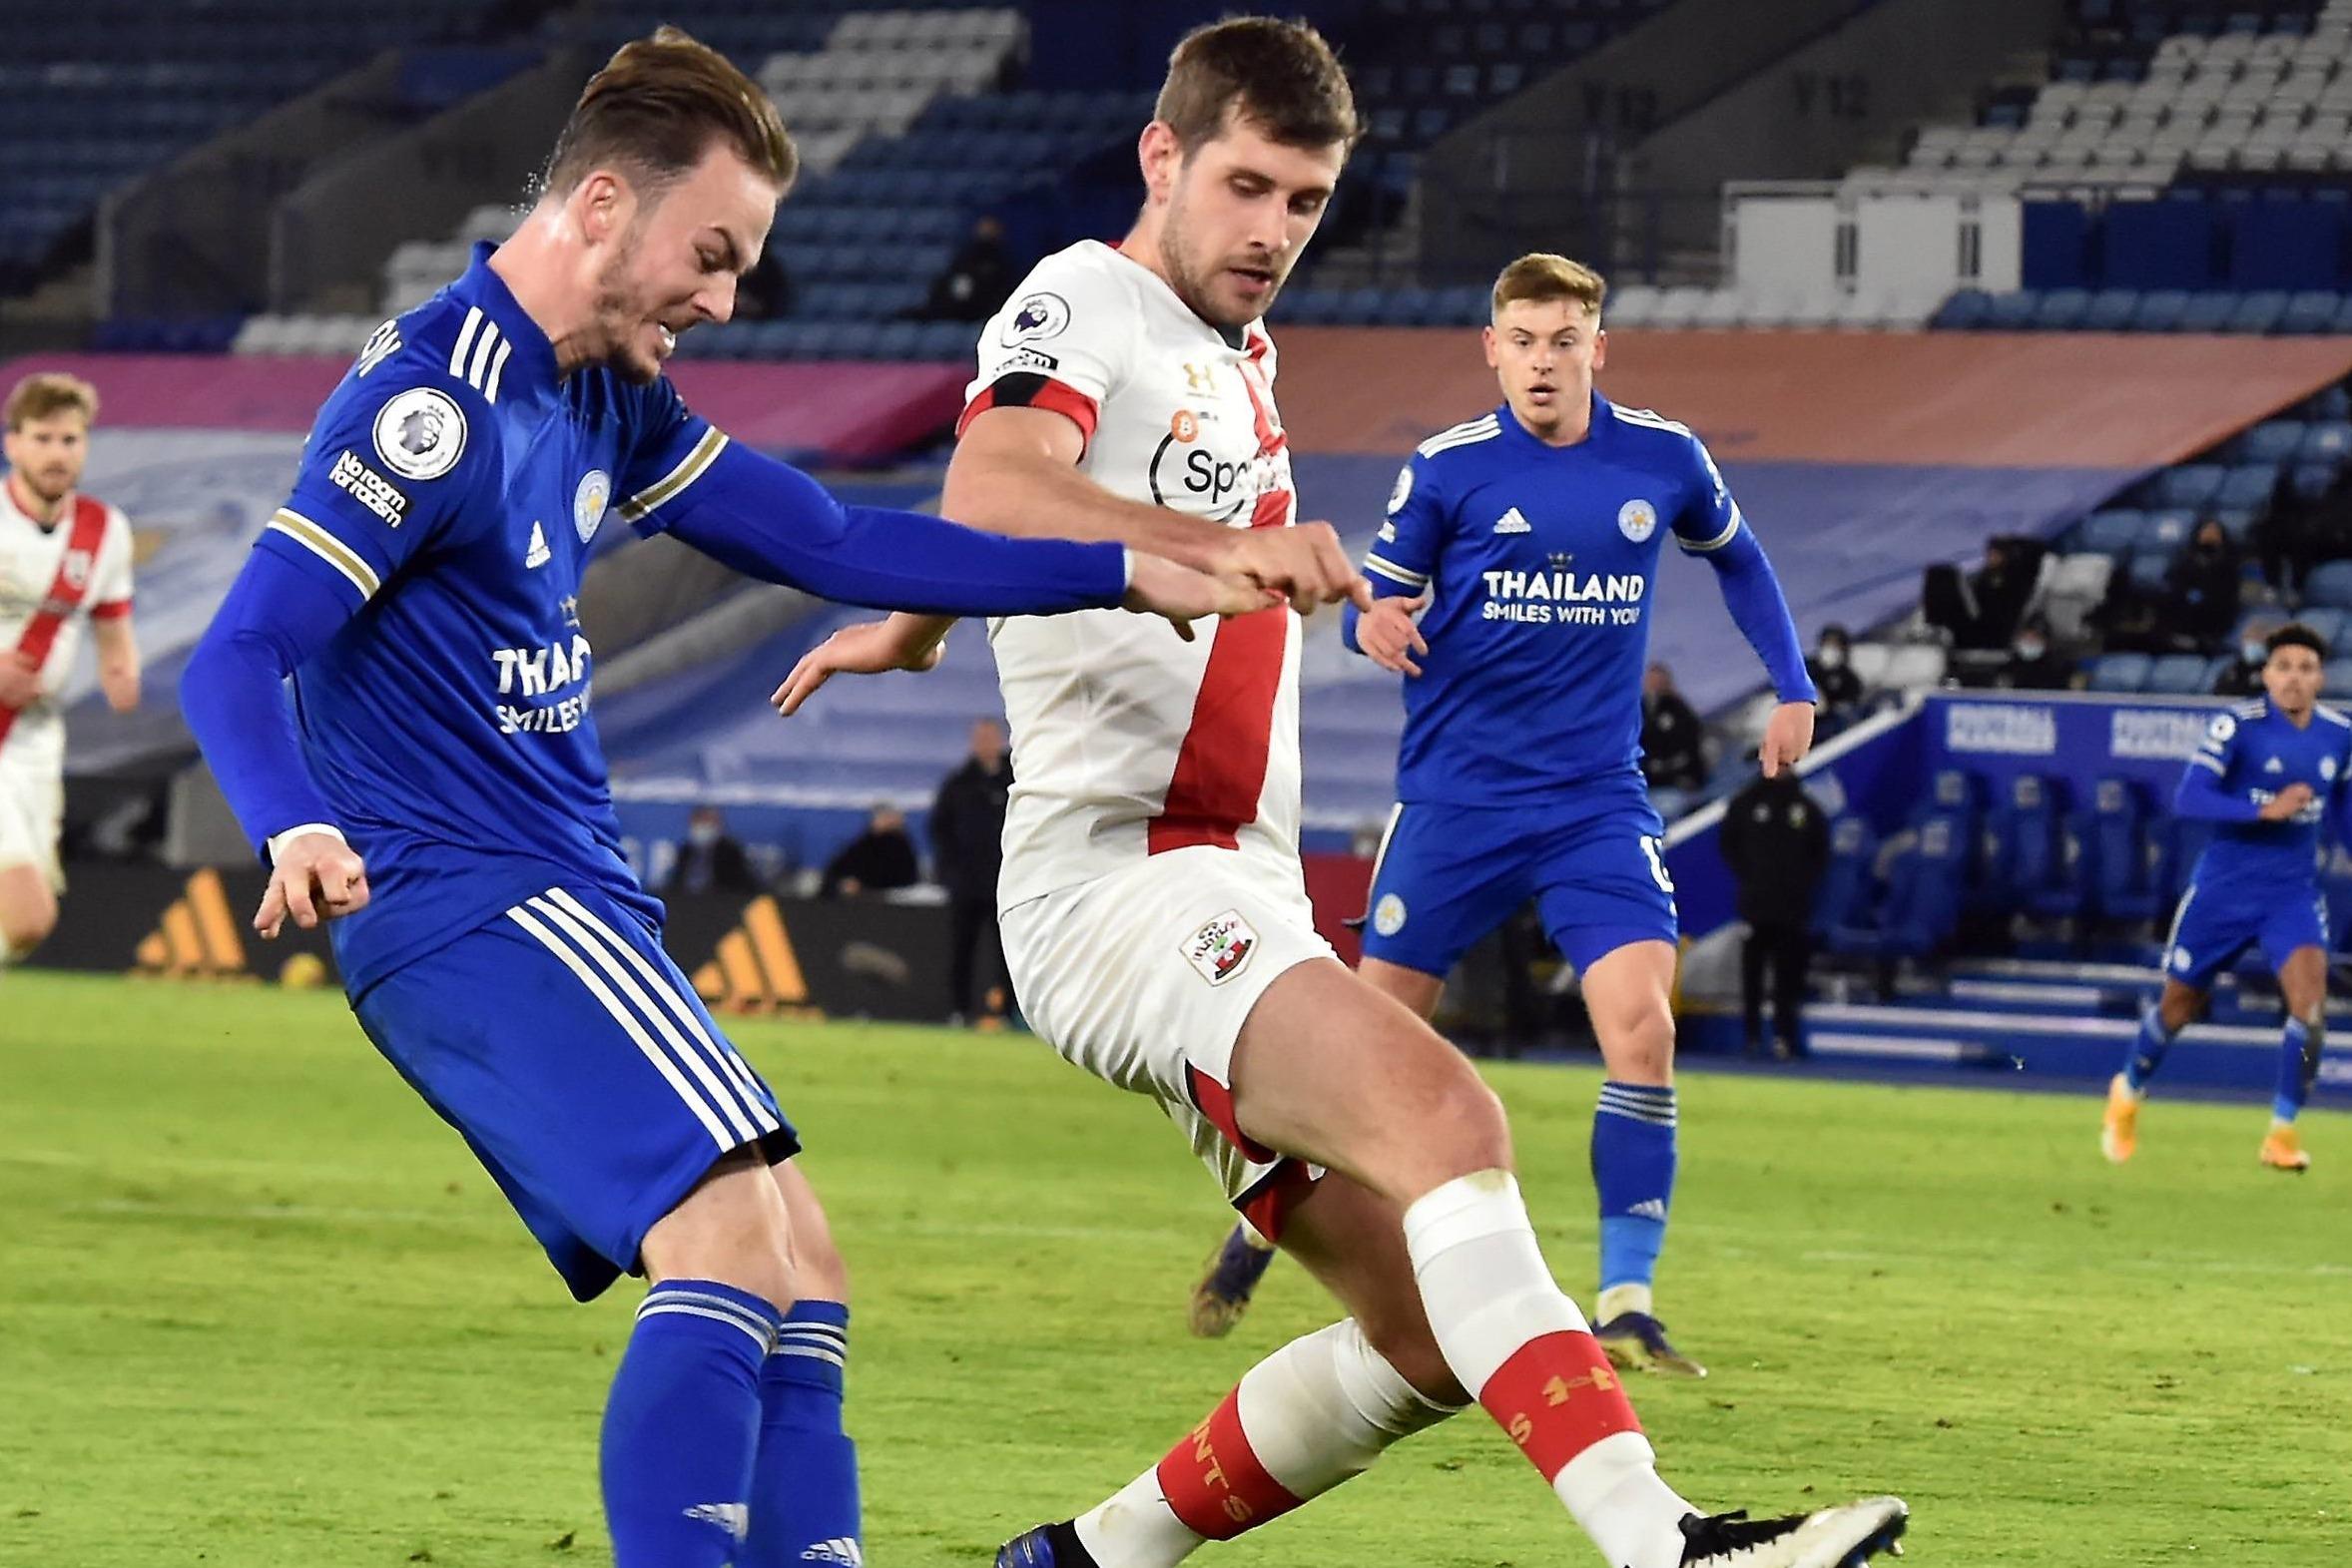 2-0!莱切斯特城排名英超第二,距榜首曼联仅1分,冲冠又来了